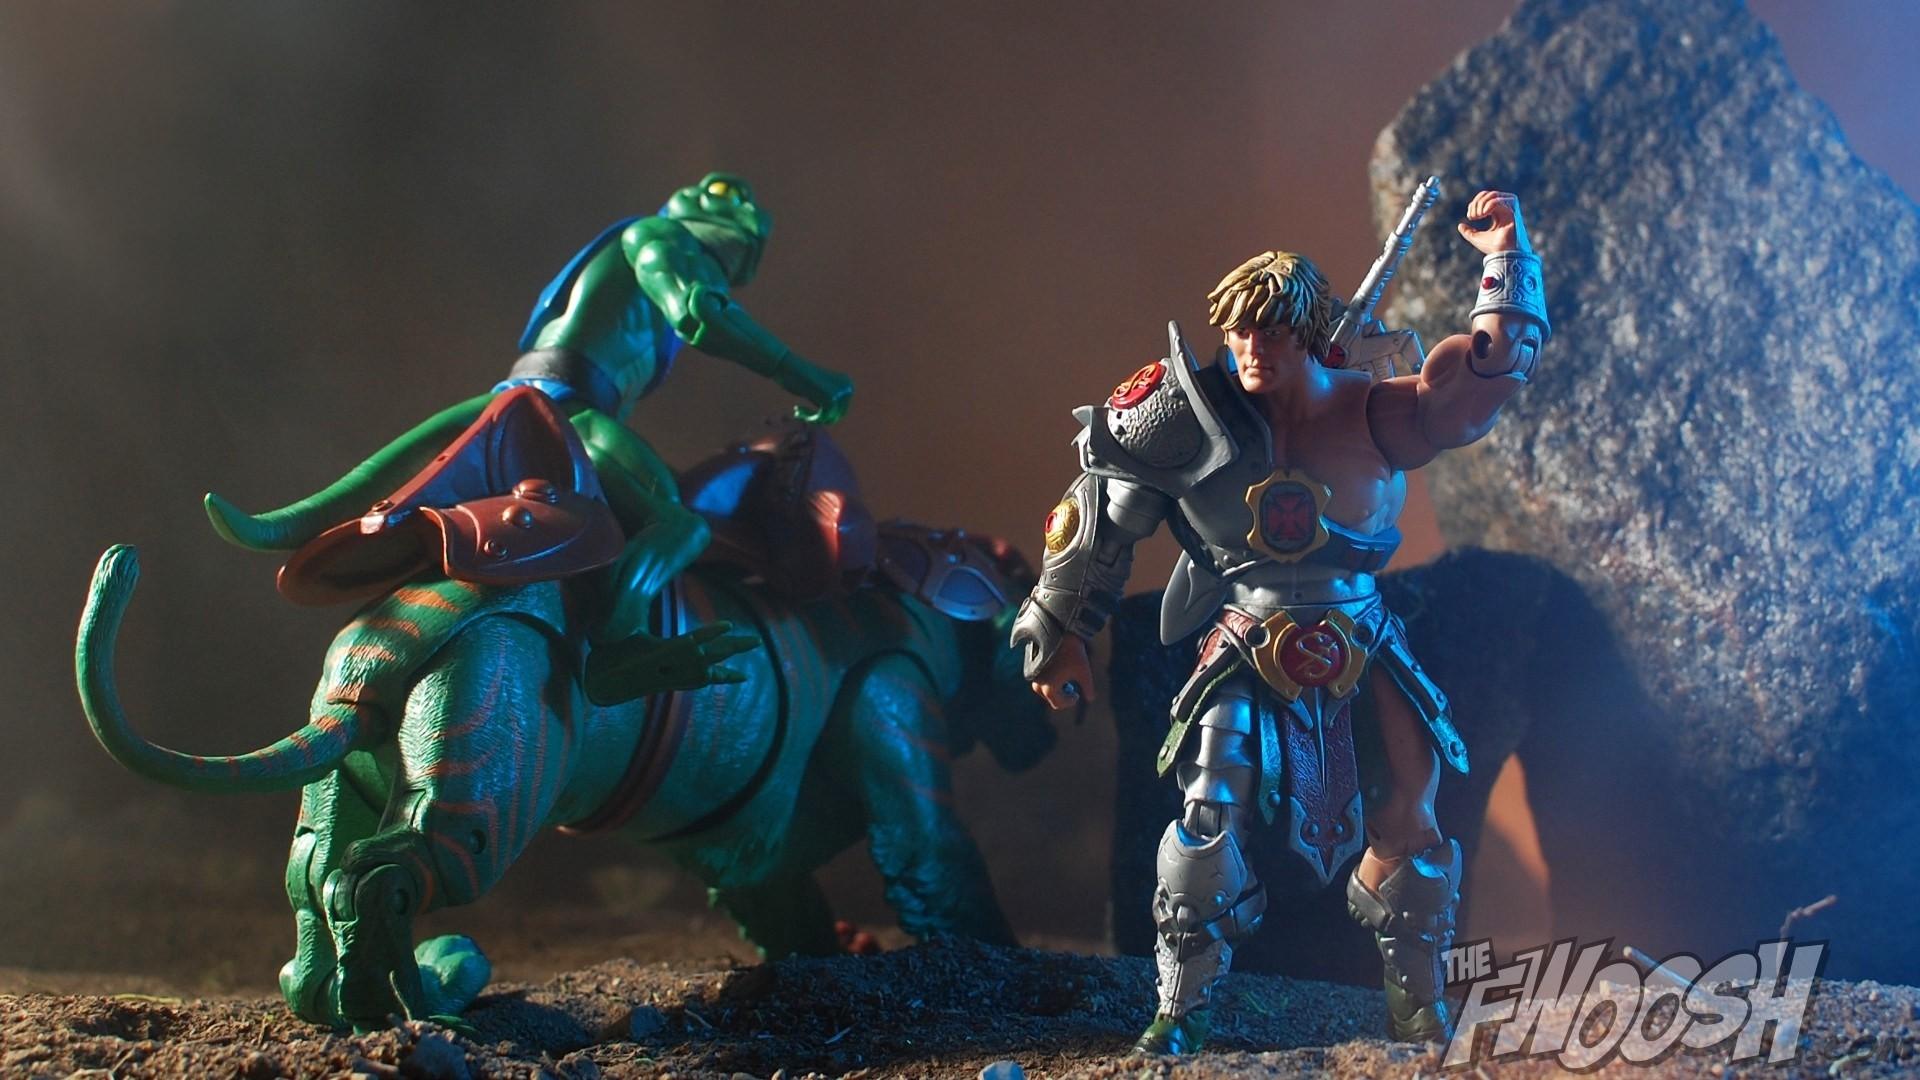 Snake Armor He-Man and Battle Armor King Hssss_07